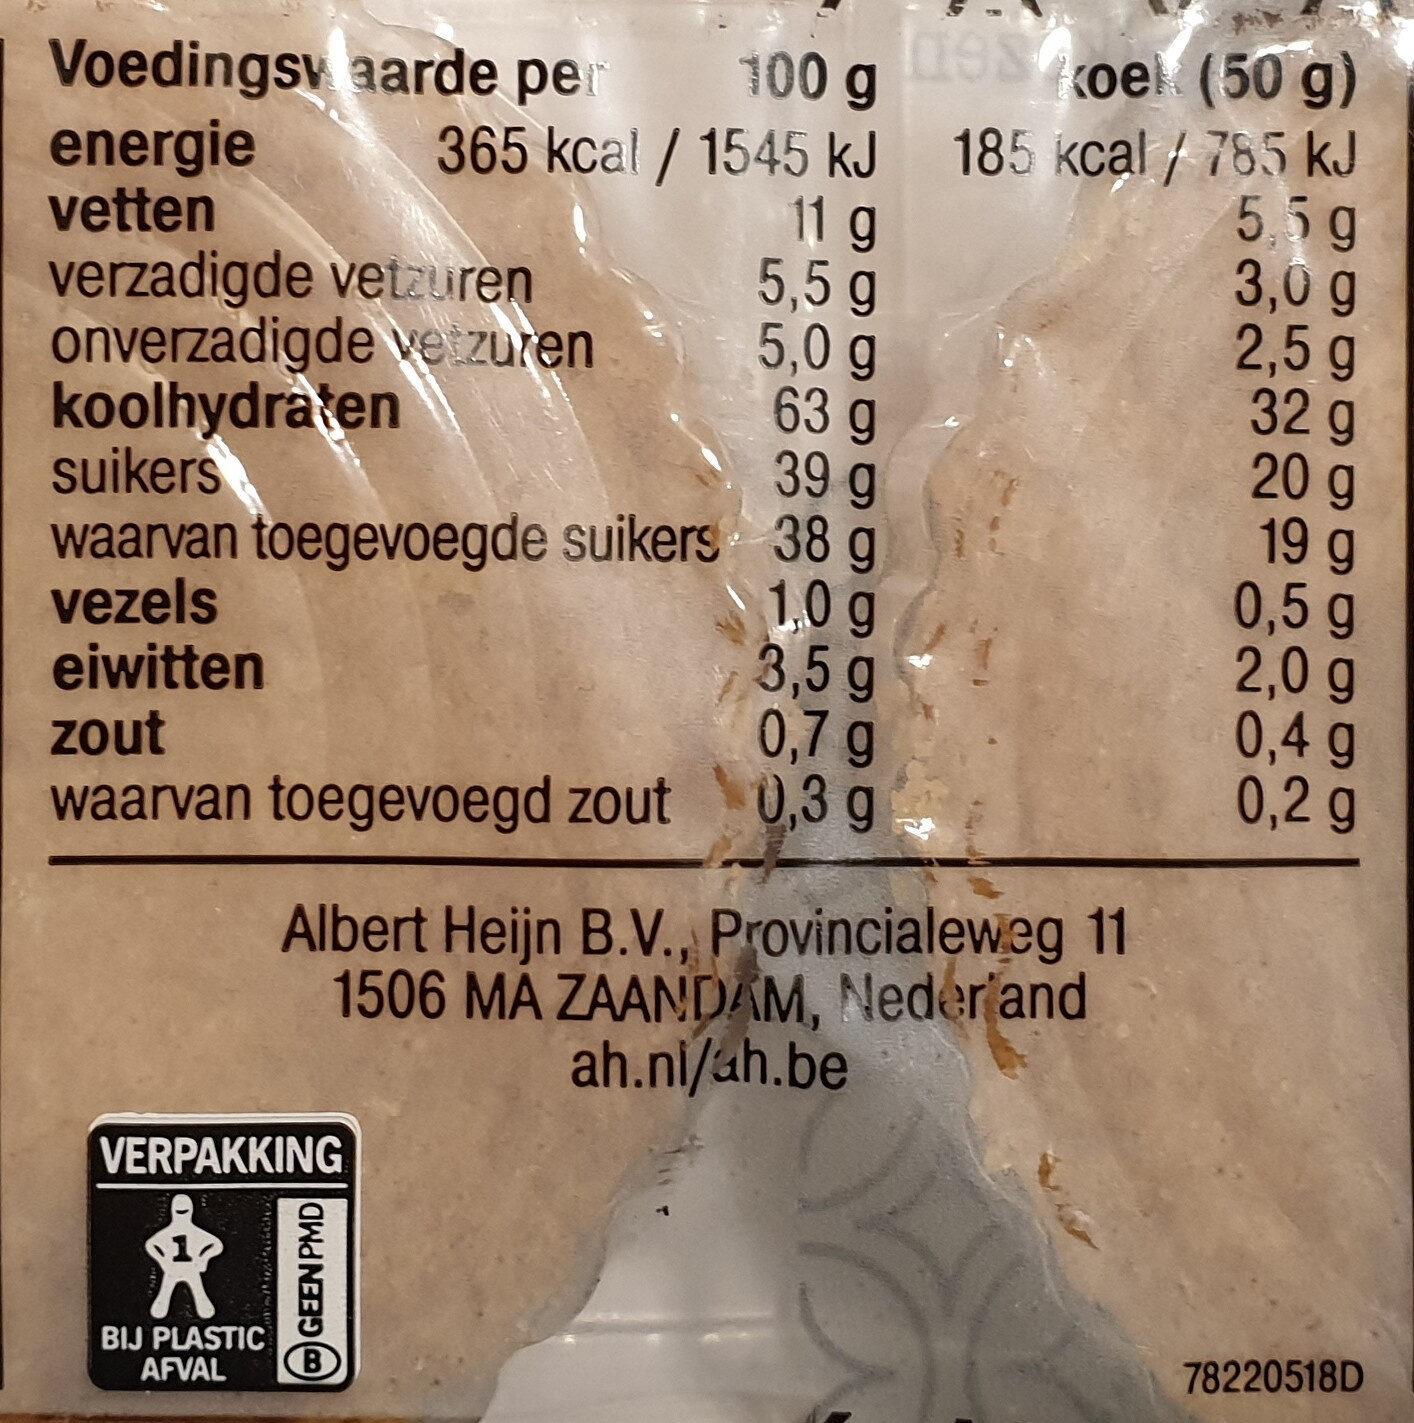 Vruchten koeken - Voedingswaarden - nl